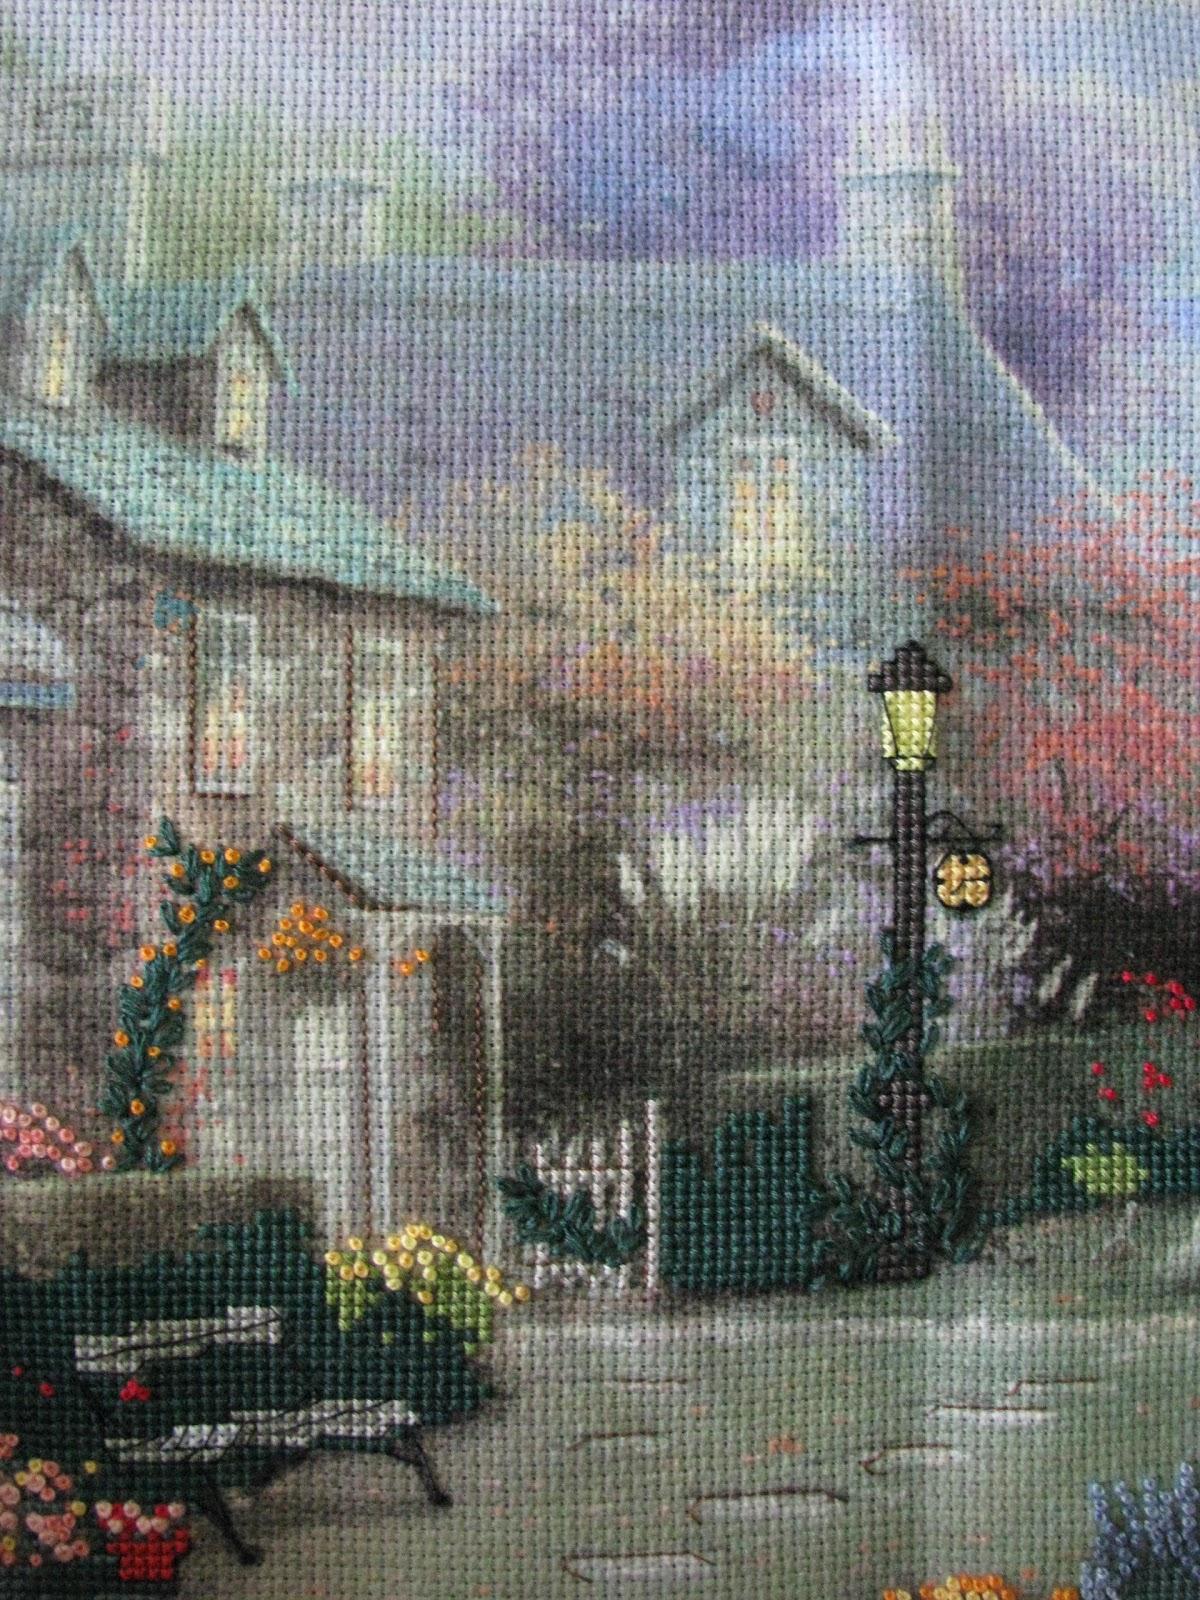 Схемы вышивки крестом картин художника Кинкейда 70